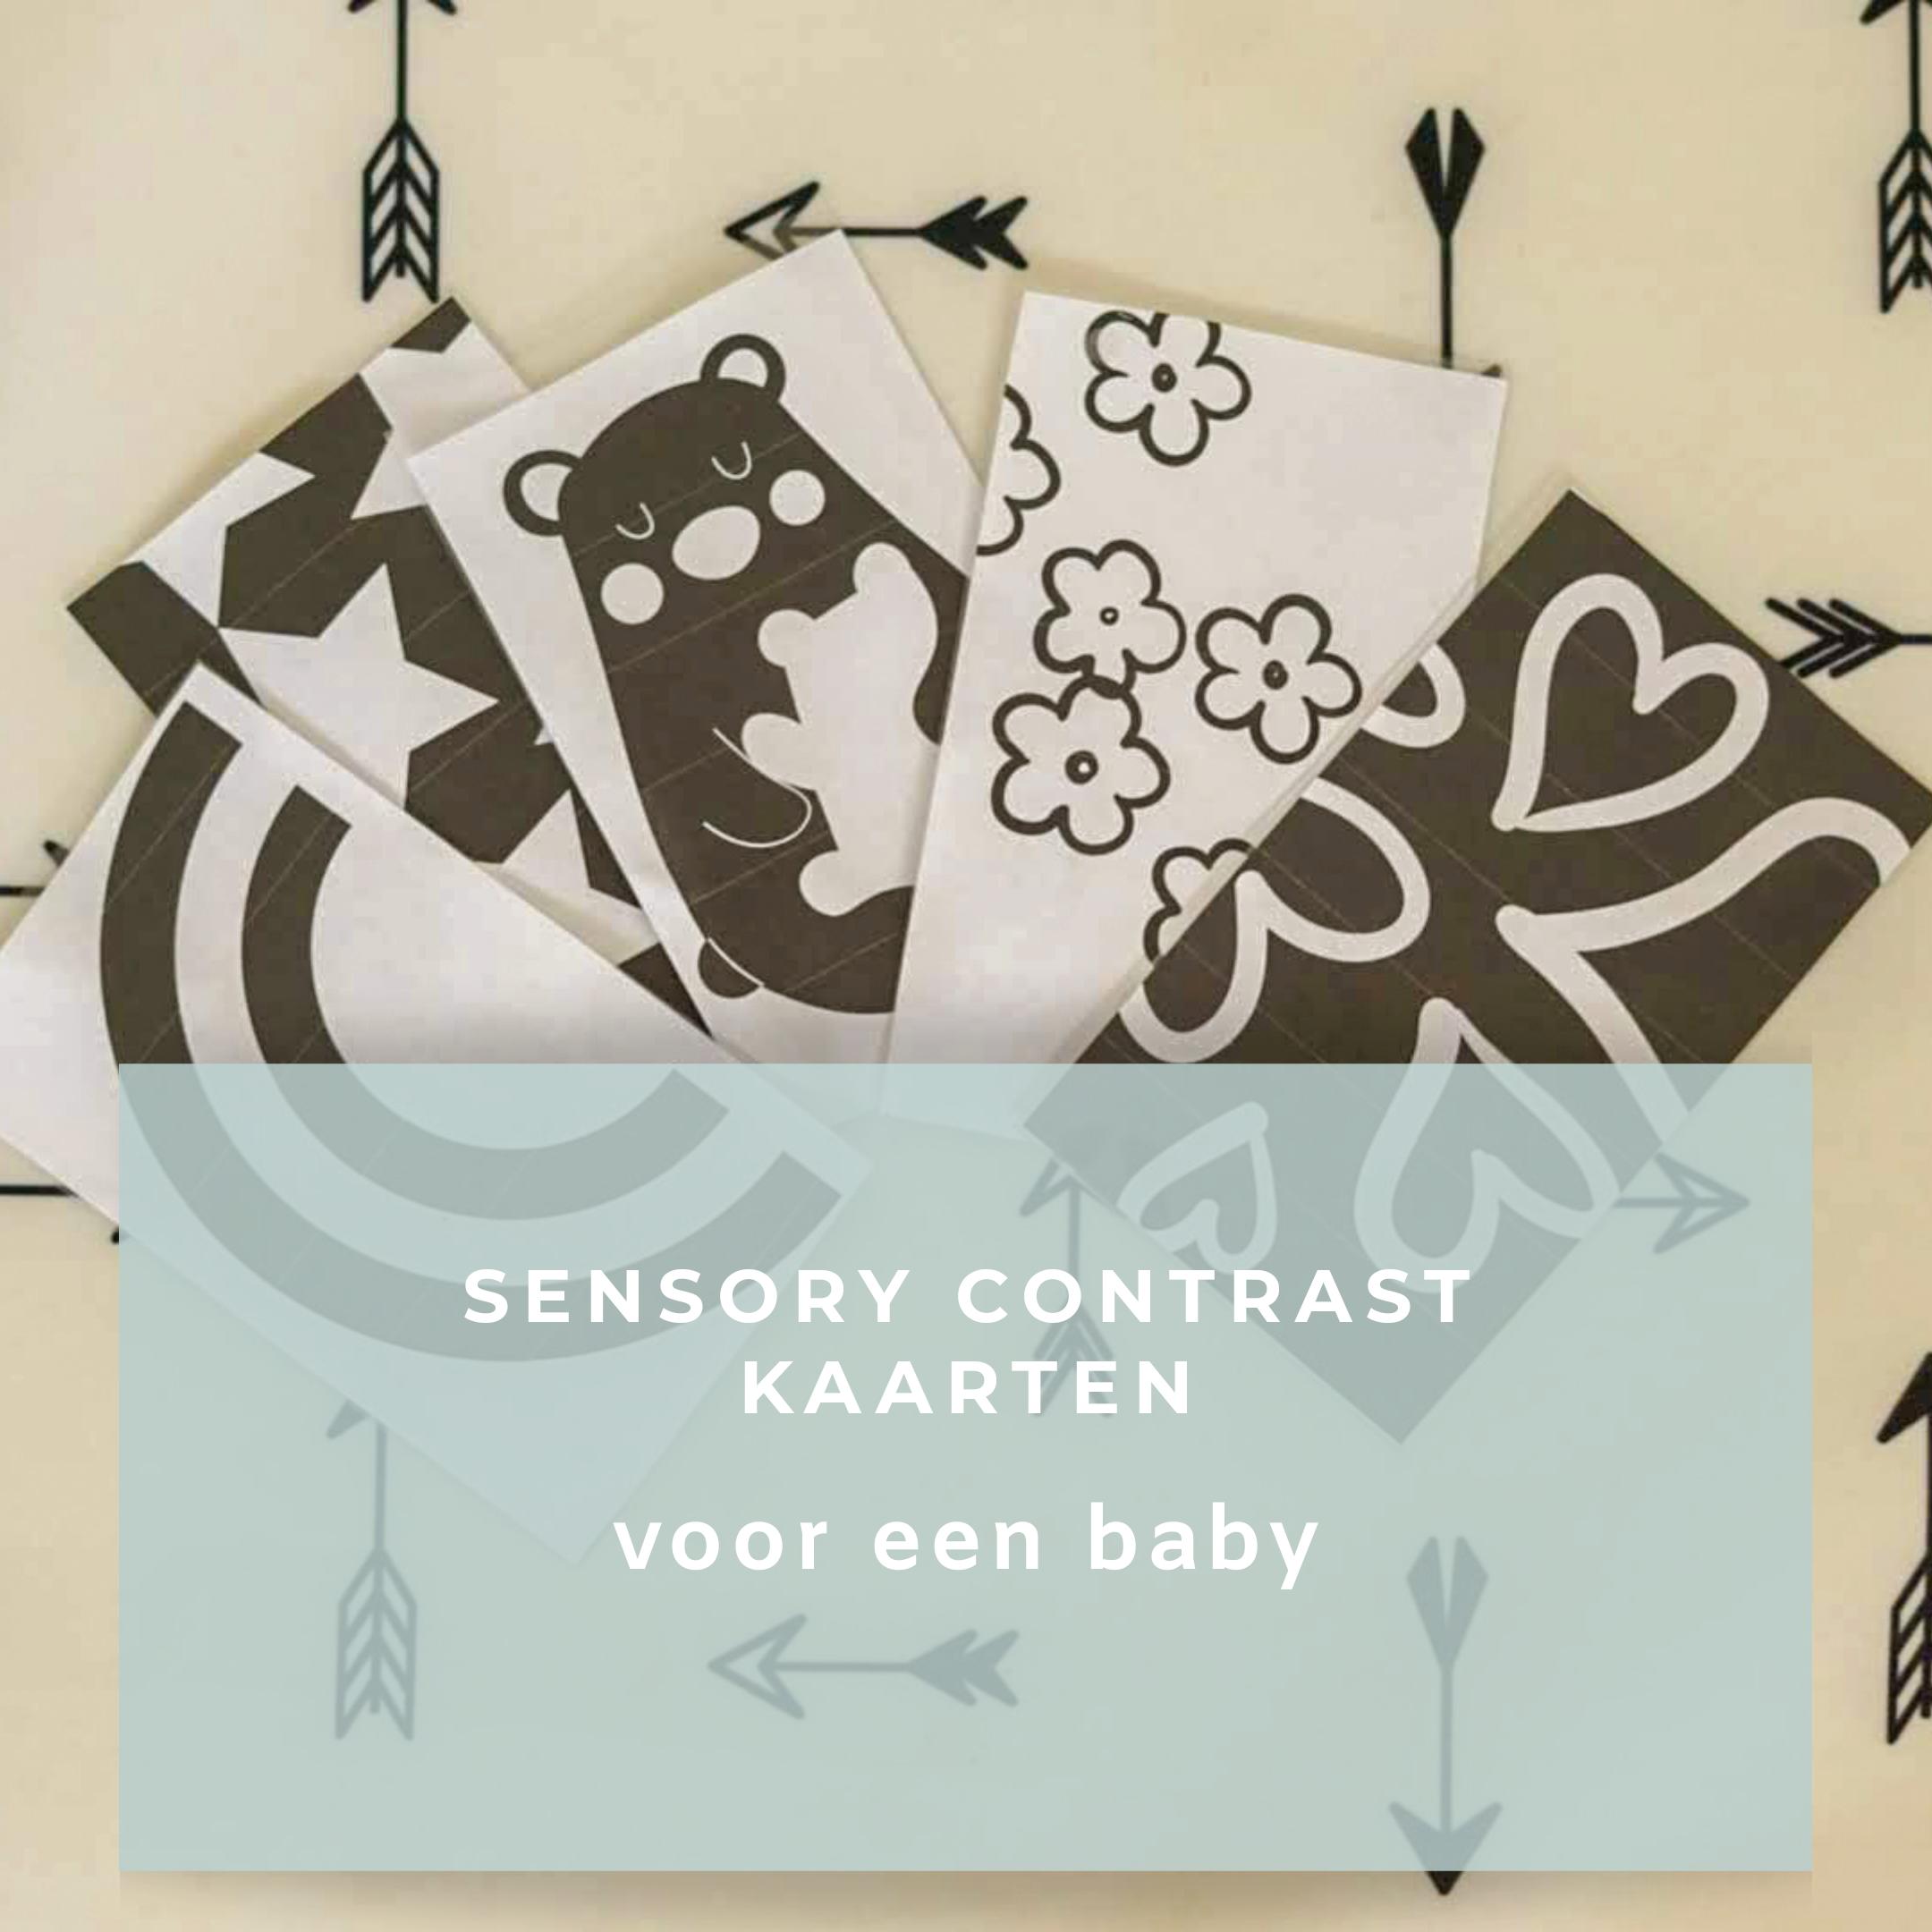 Sensory contrast kaarten voor een baby